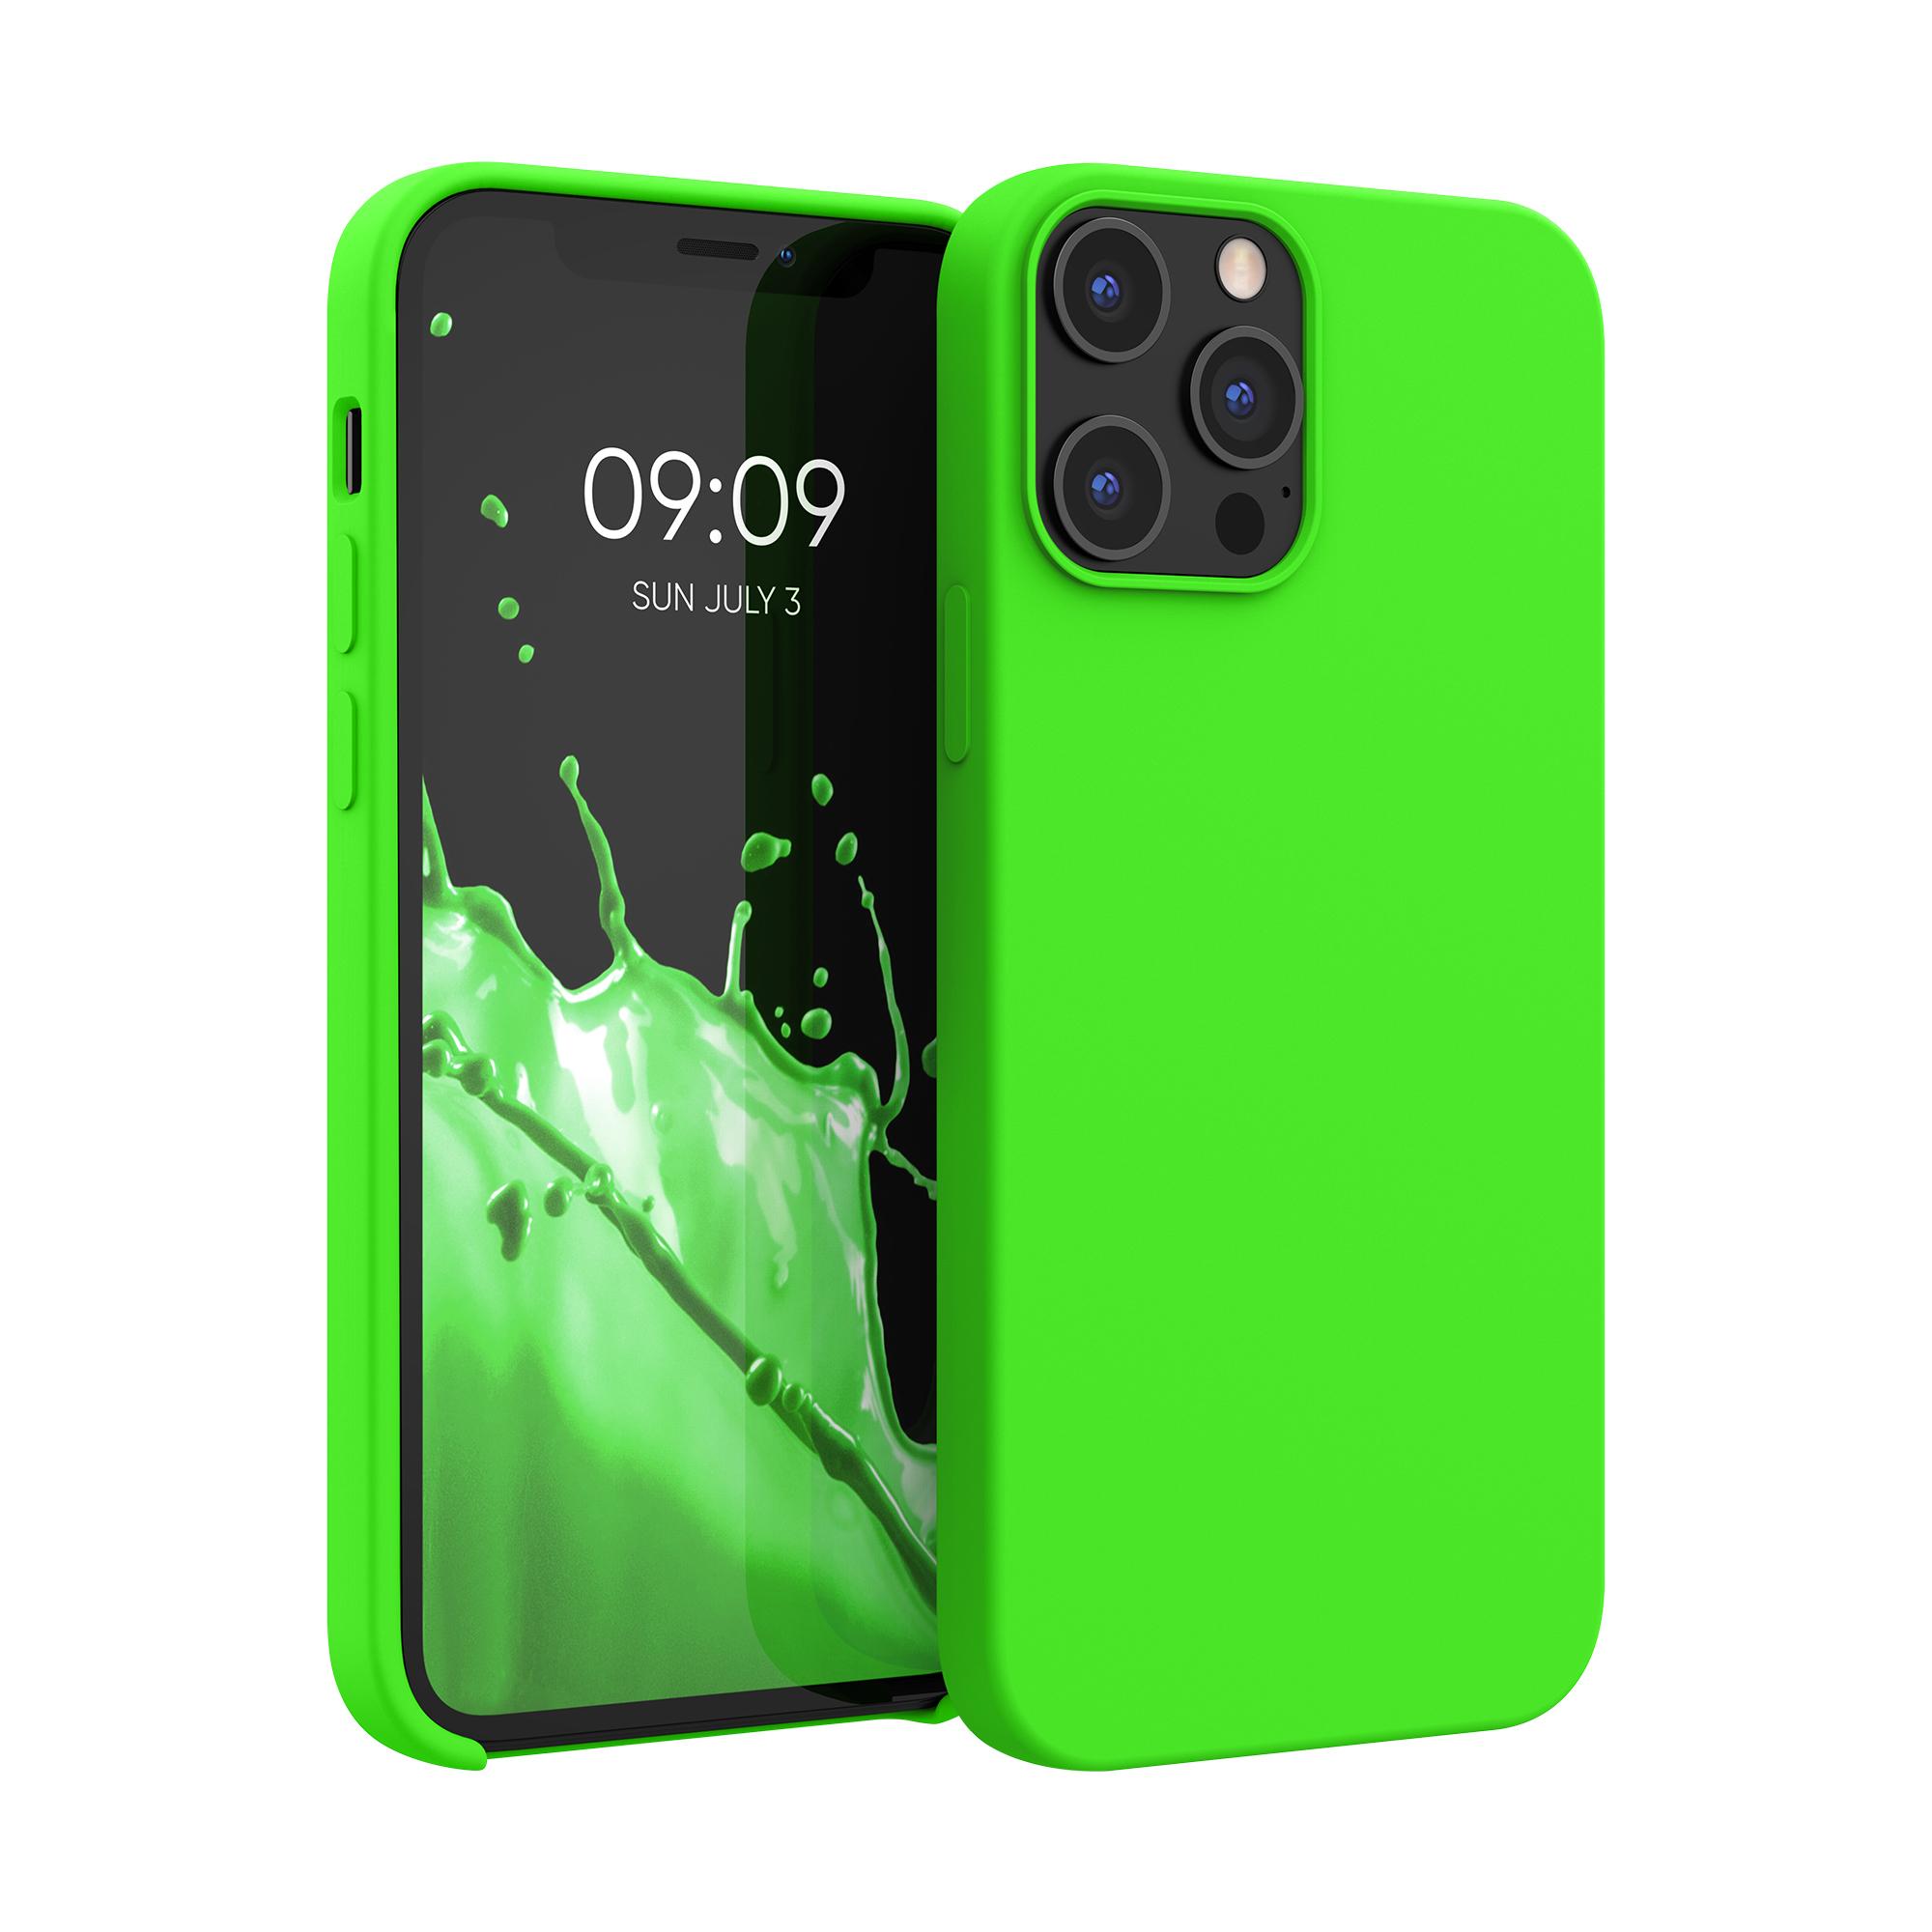 Kvalitní silikonové TPU pouzdro pro Apple iPhone 12 Pro Max - Limetkově zelená